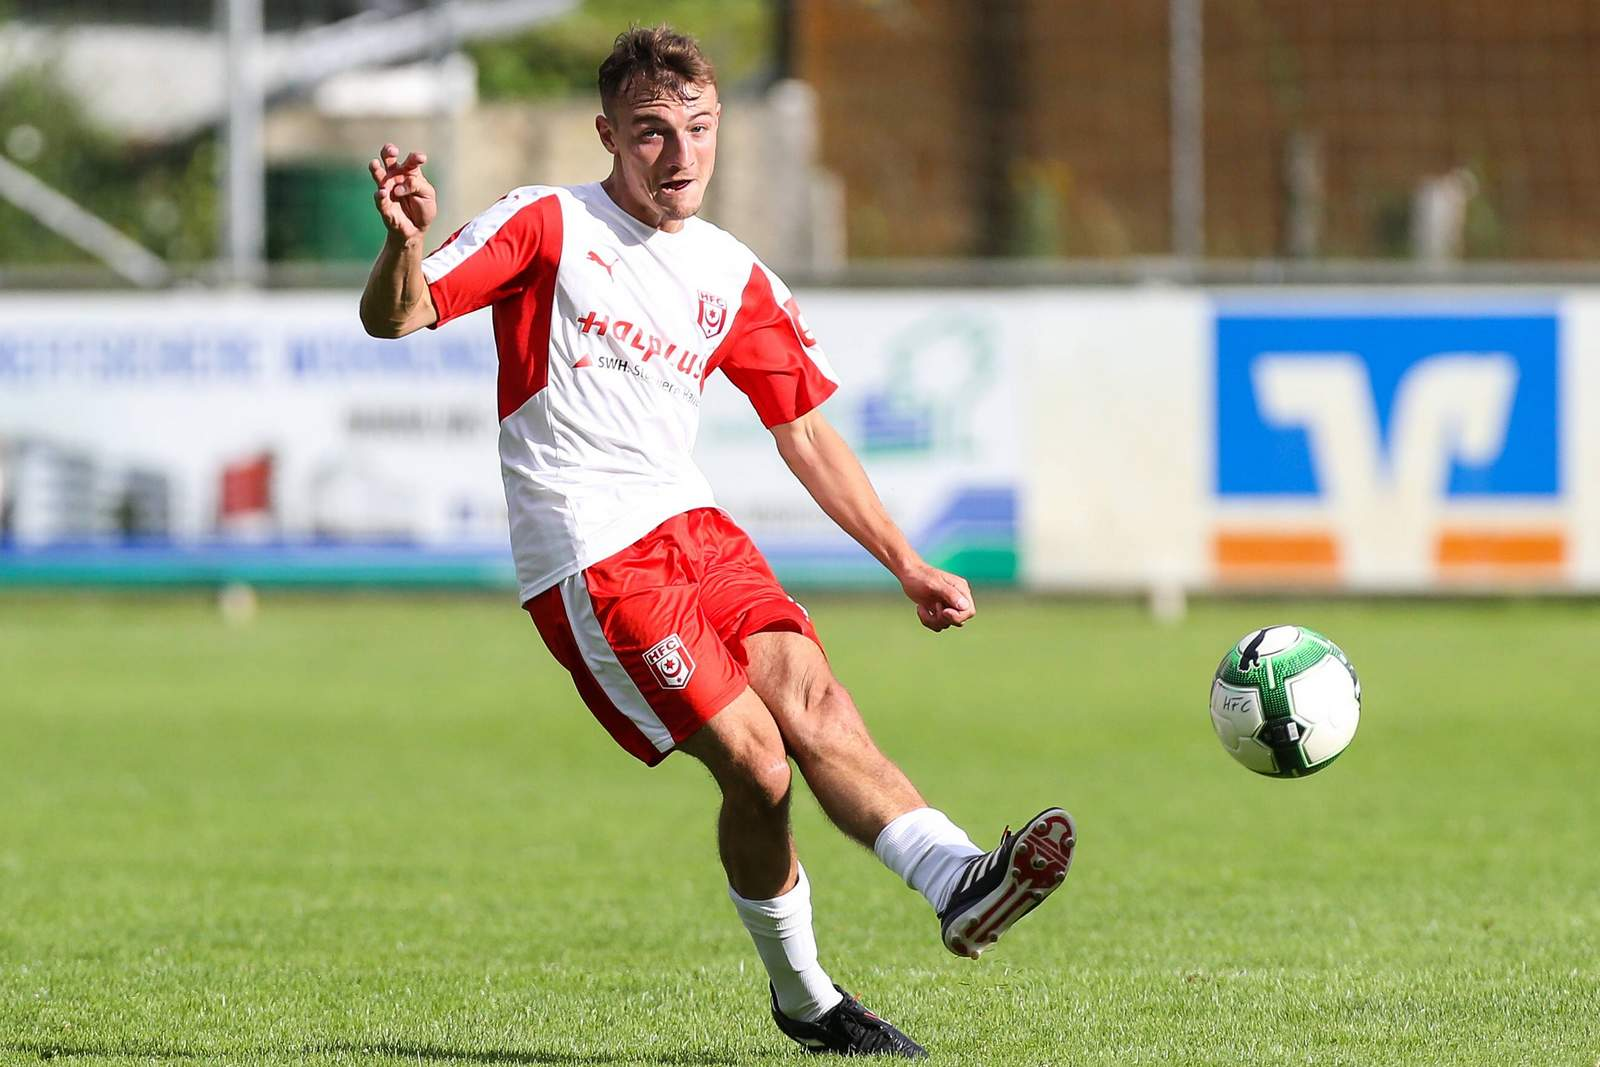 Kann Daniel Bohl mit dem HFC gegen Jena gewinnen? Jetzt auf das Spiel HFC gegen Jena wetten